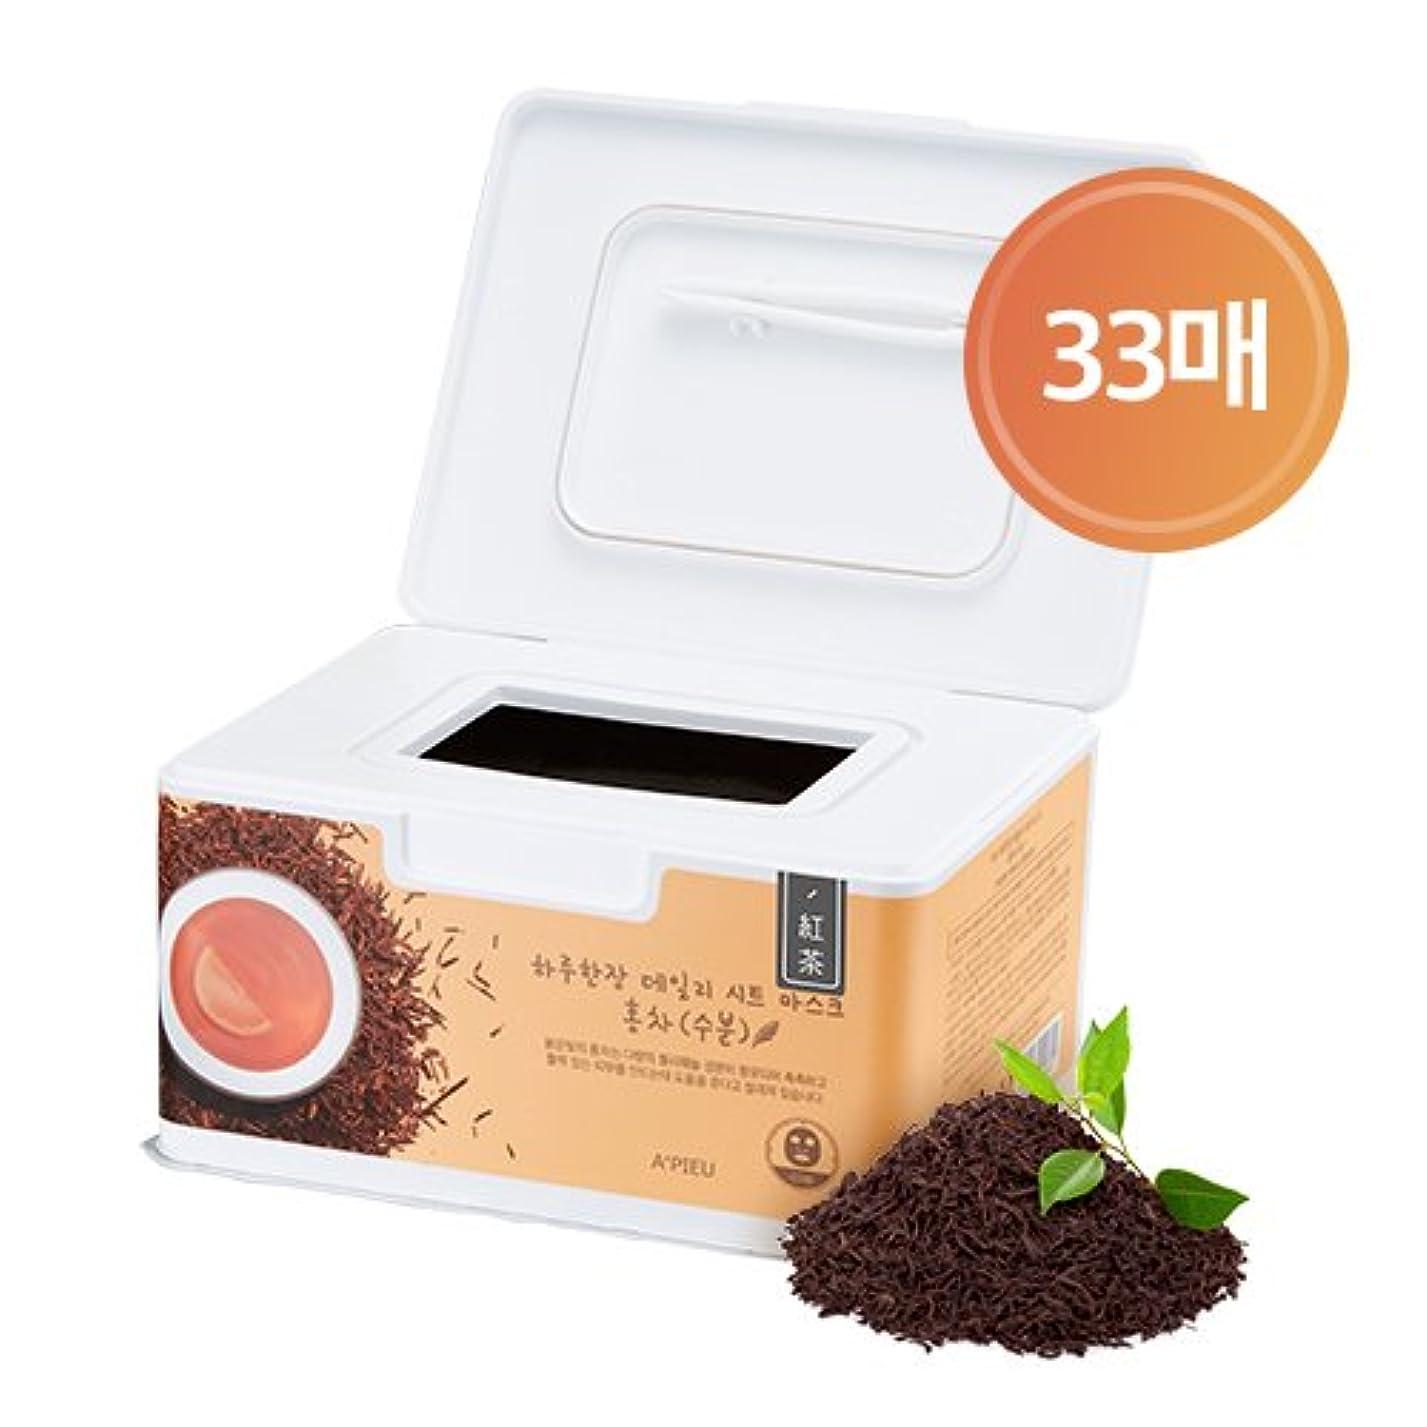 重荷モットー二度APIEU DAILY Sheet Mask _ Black Tea (Hydrating) / [オピュ/アピュ] デイリーシートマスク_紅茶(ハイドレーティング) [並行輸入品]